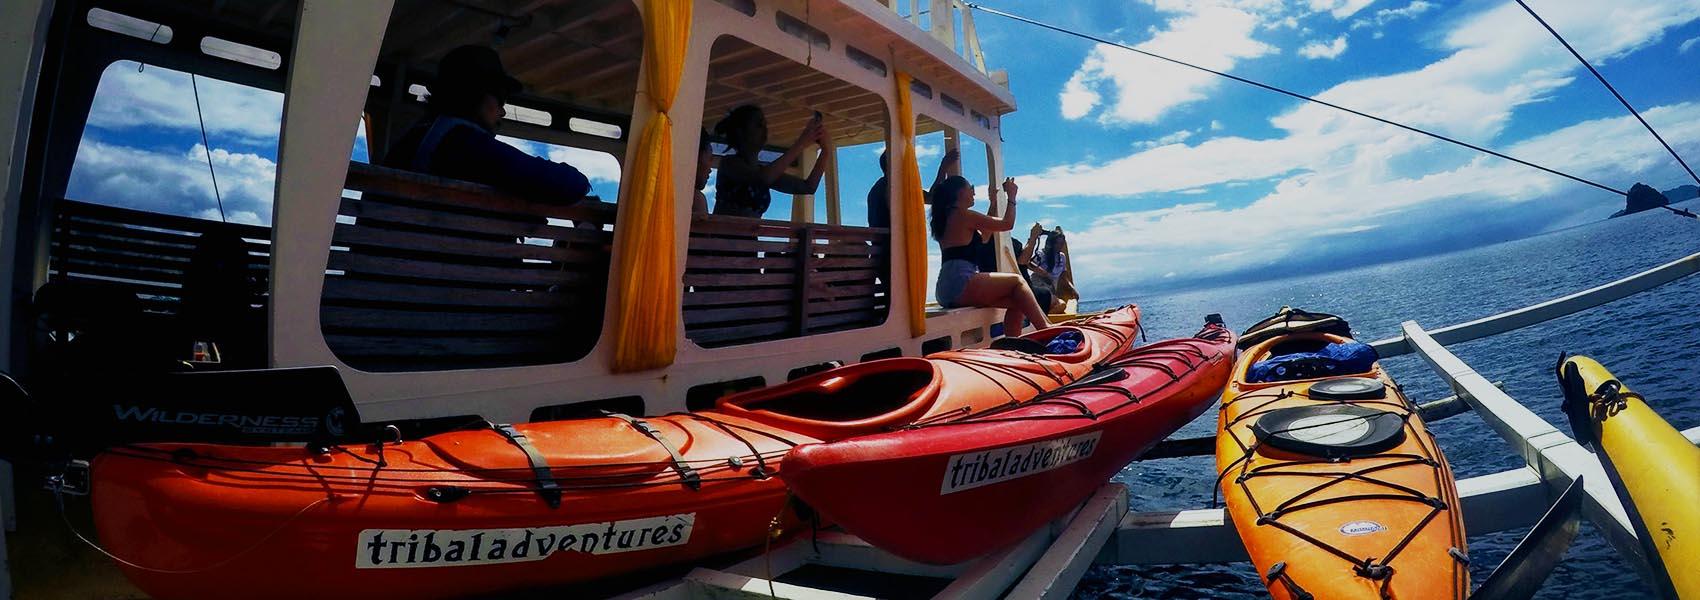 El Nido to Coron Sea Safari